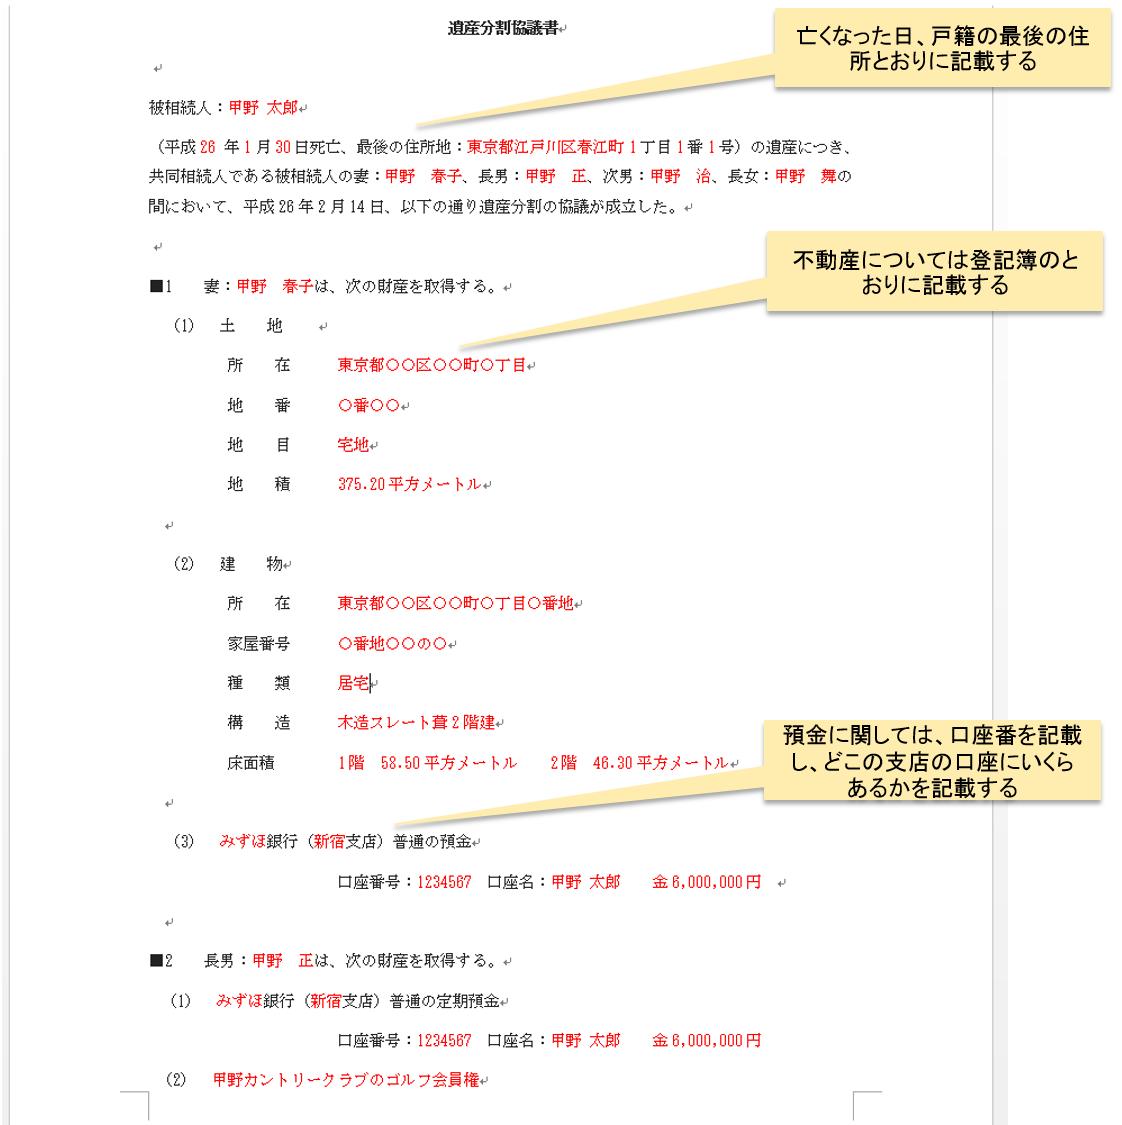 遺産分割協議書 通常書き方_1